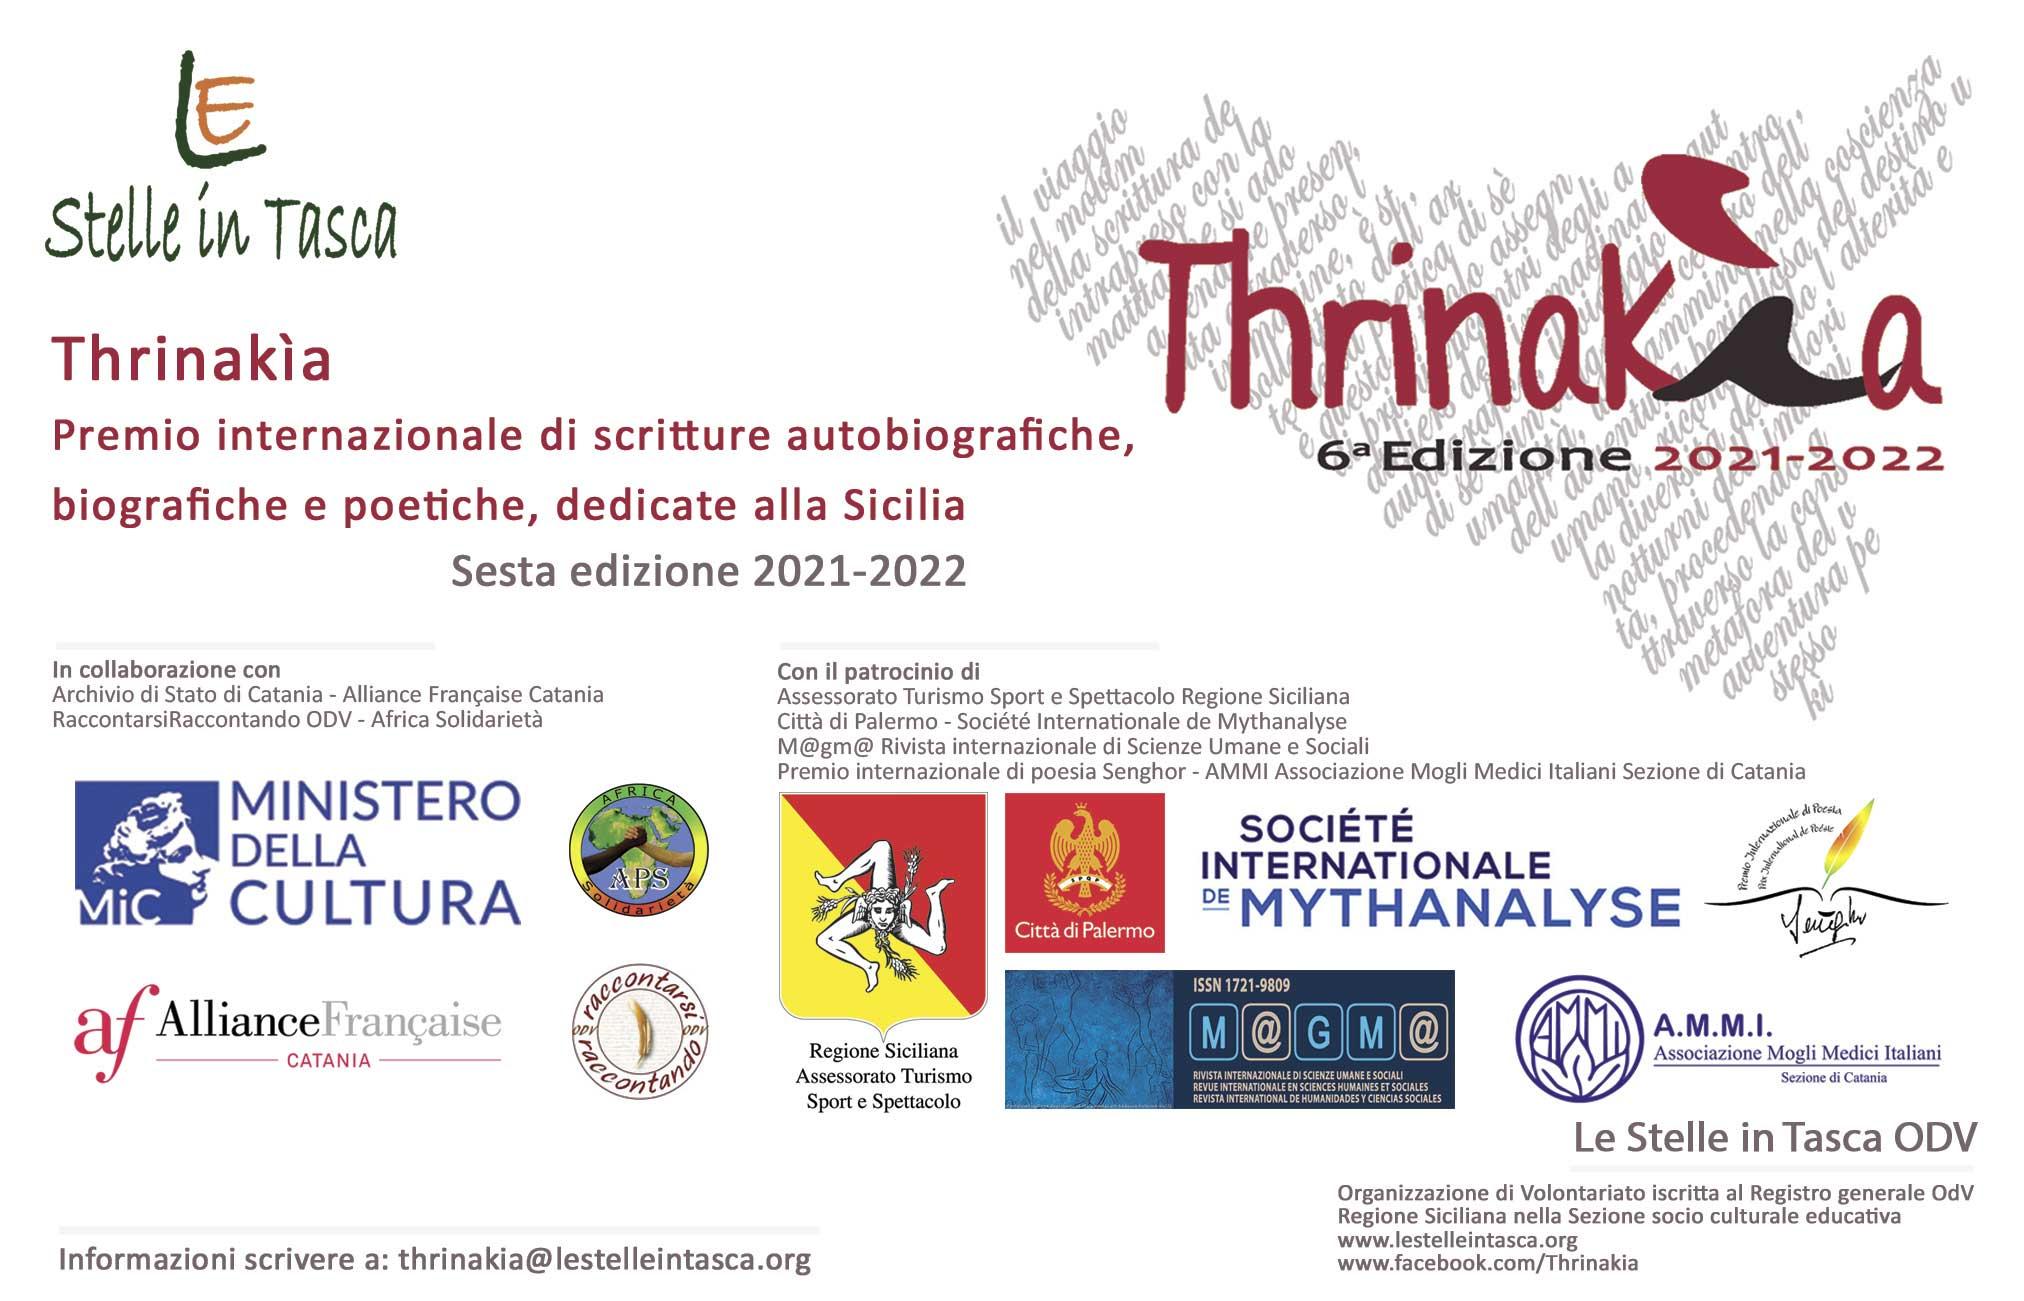 Avatar Thrinakia Premiointernazionalediscrittureautobiografiche